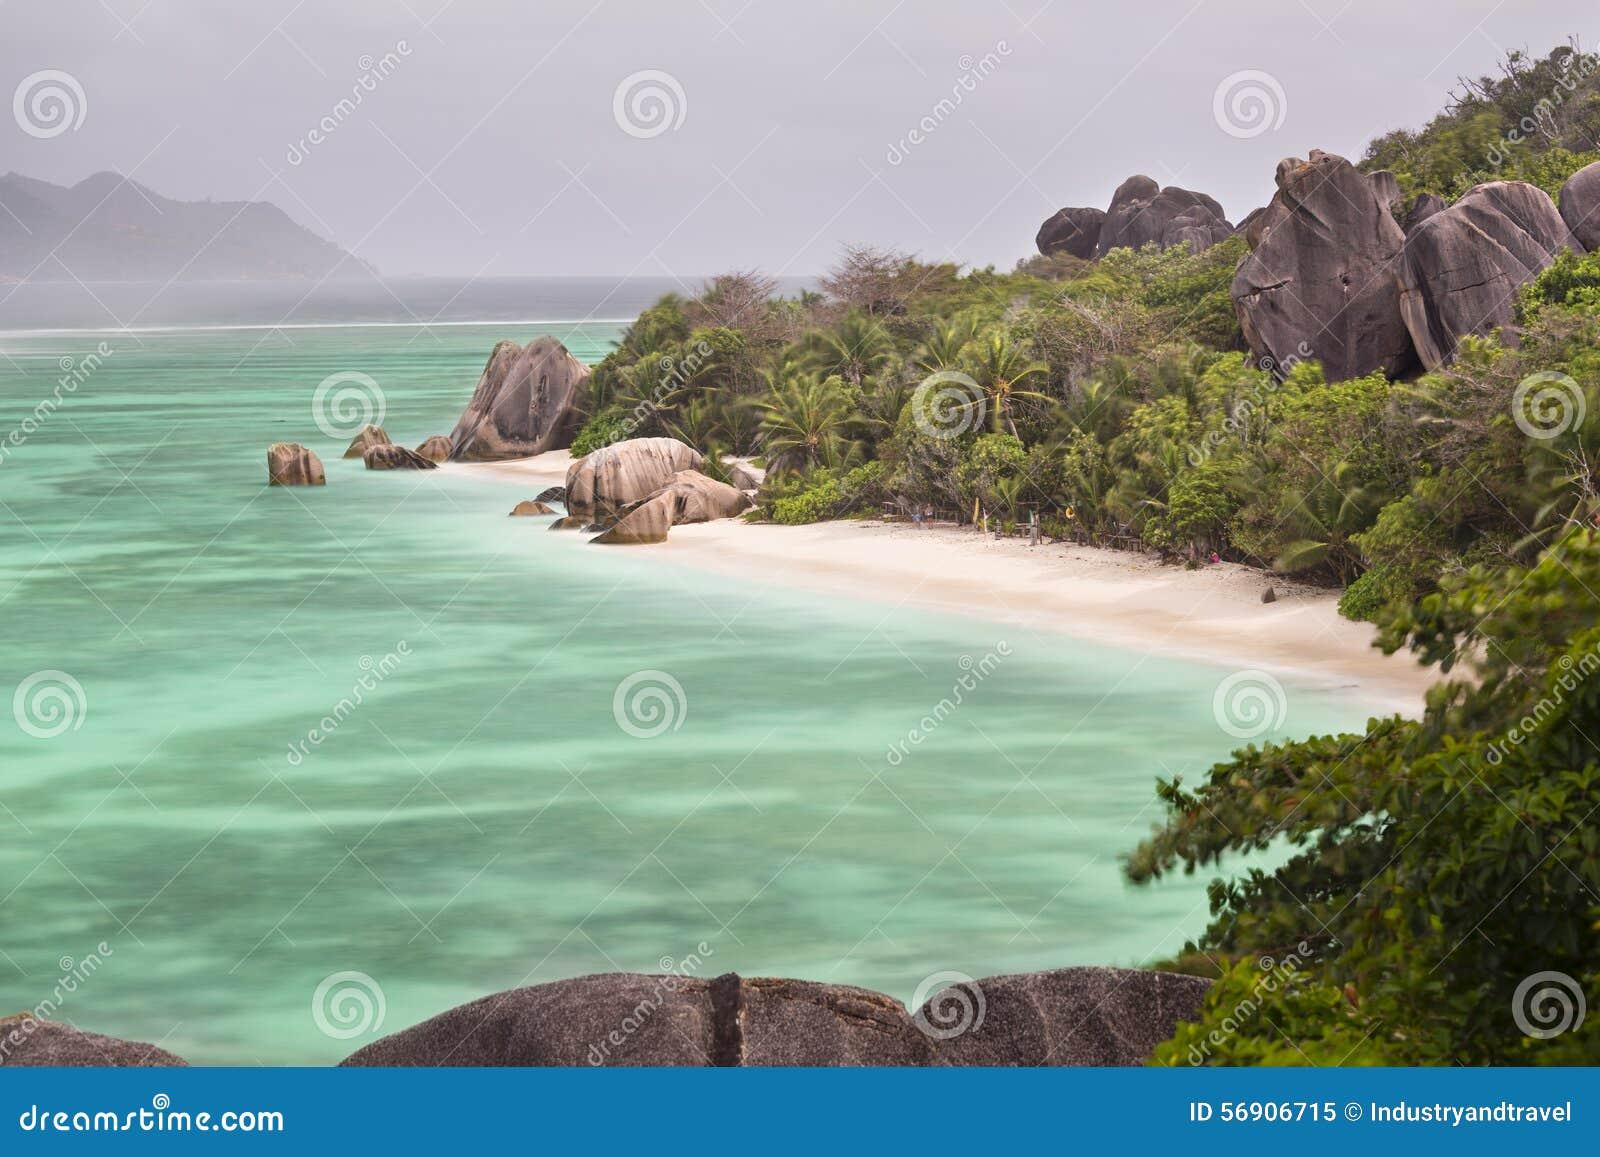 Anse银d digue la塞舌尔群岛来源